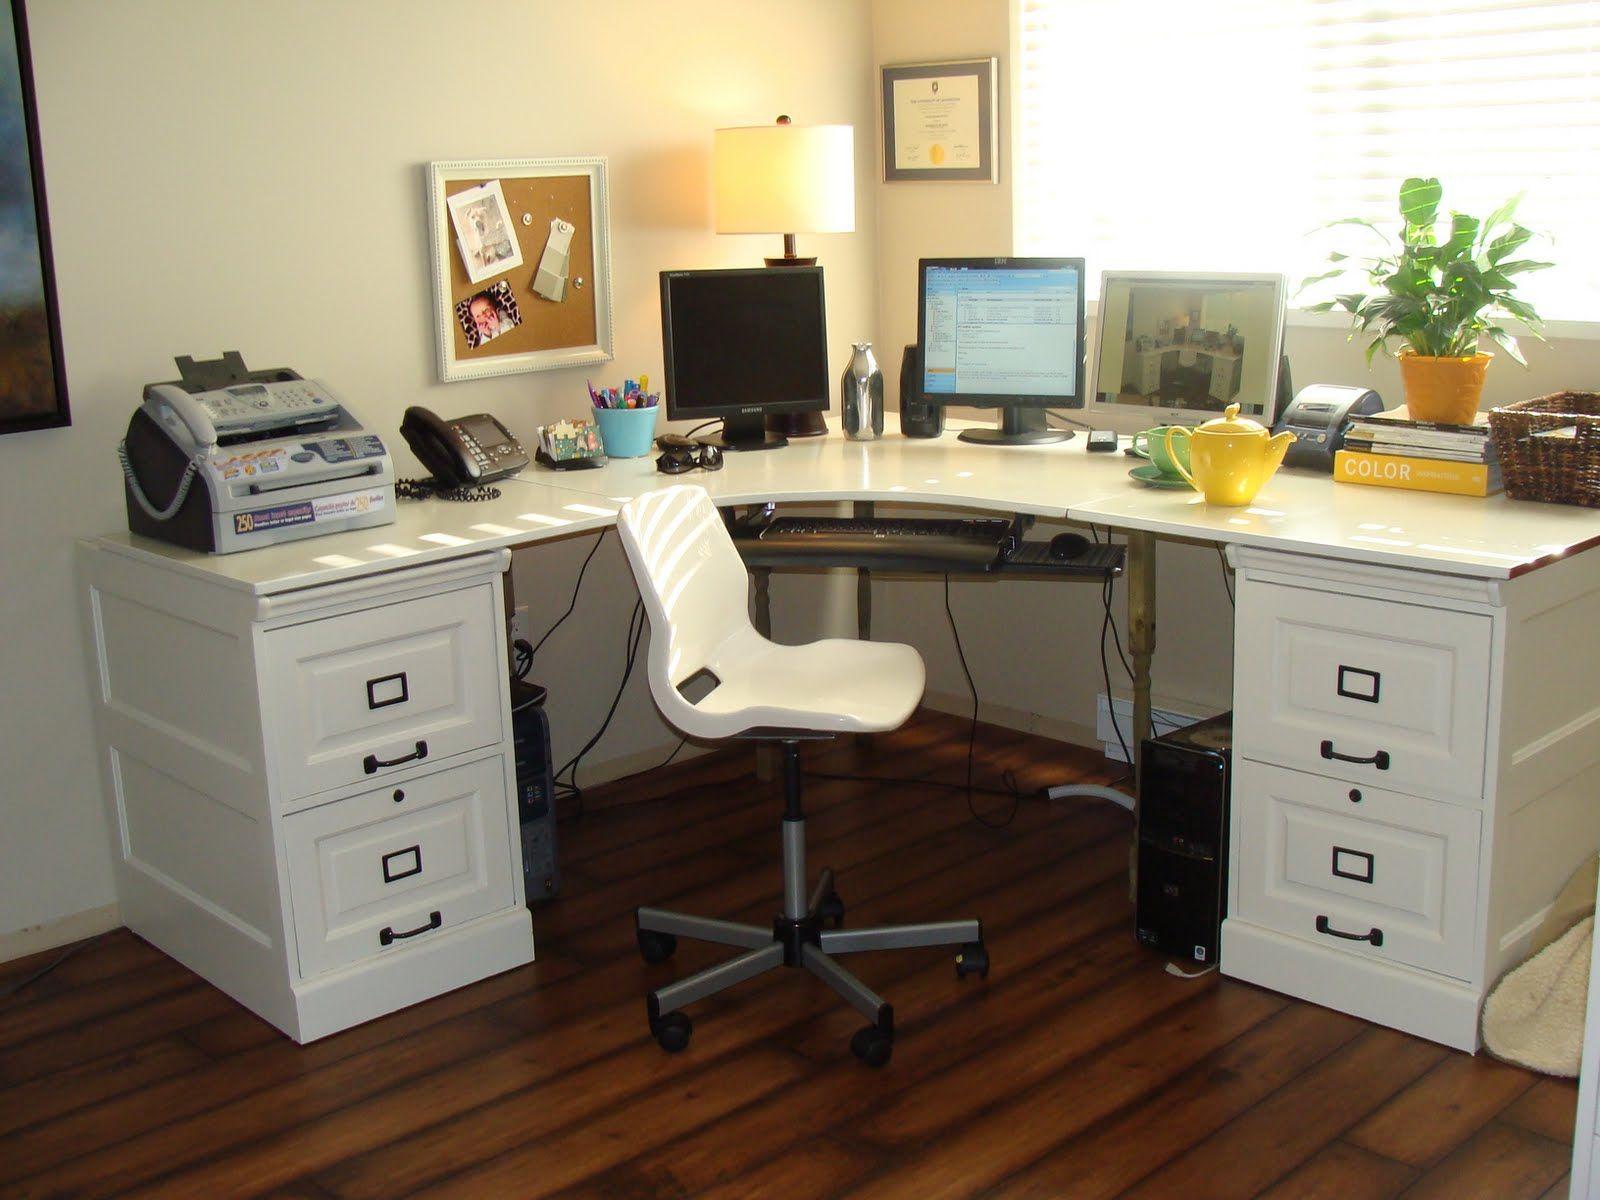 Pottery Barn Inspired Desk Transformation Diy Desk Plans Large